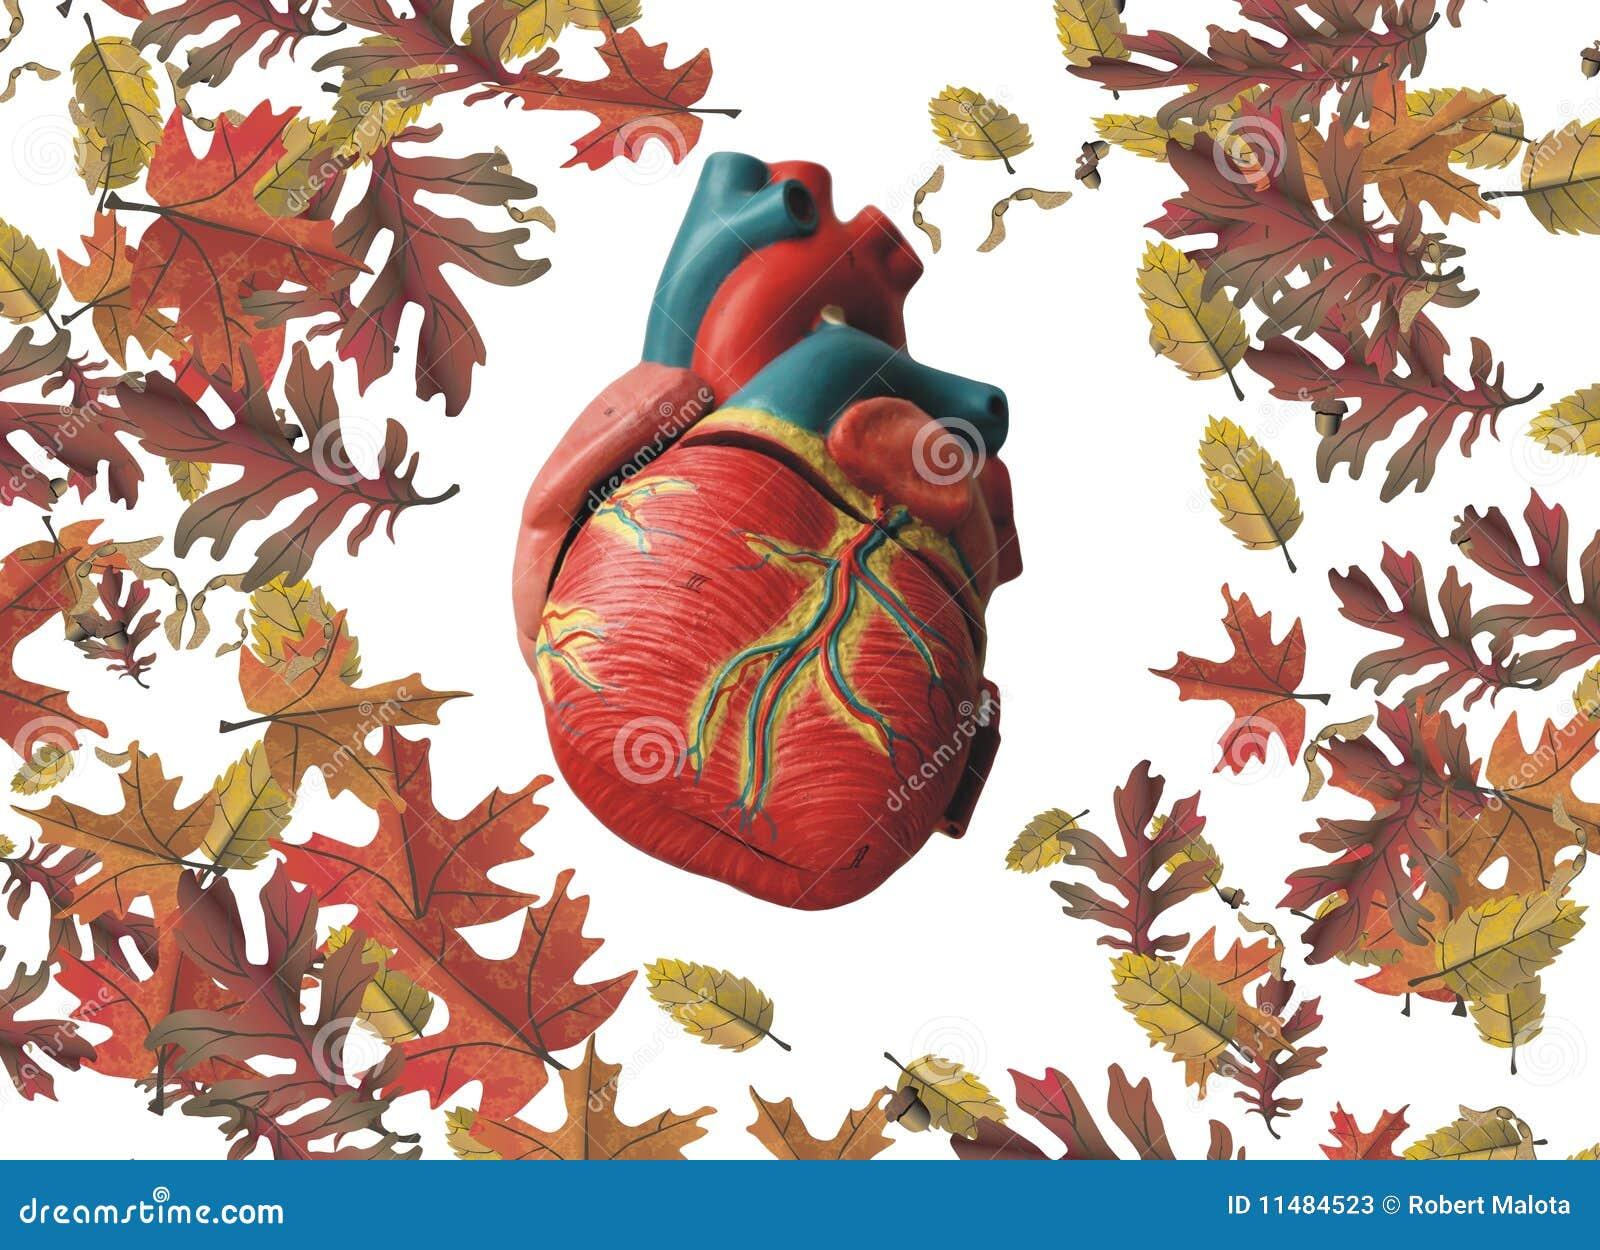 Corazón y hojas